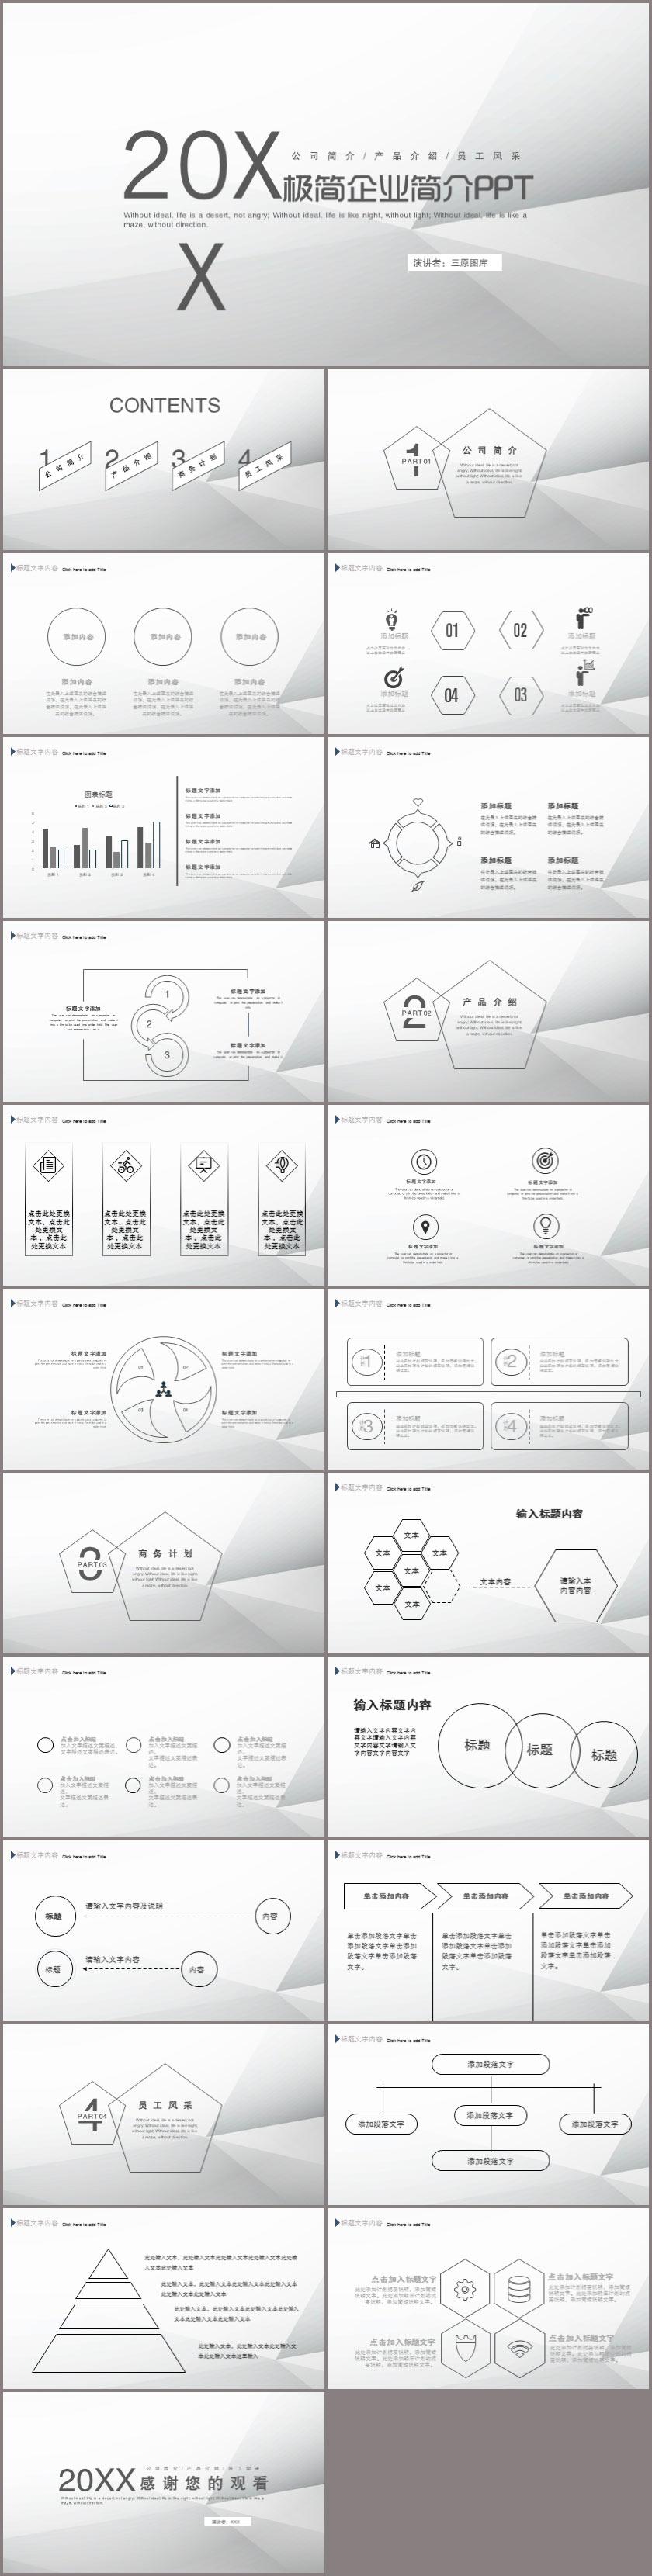 简约风格公司介绍PPT模板